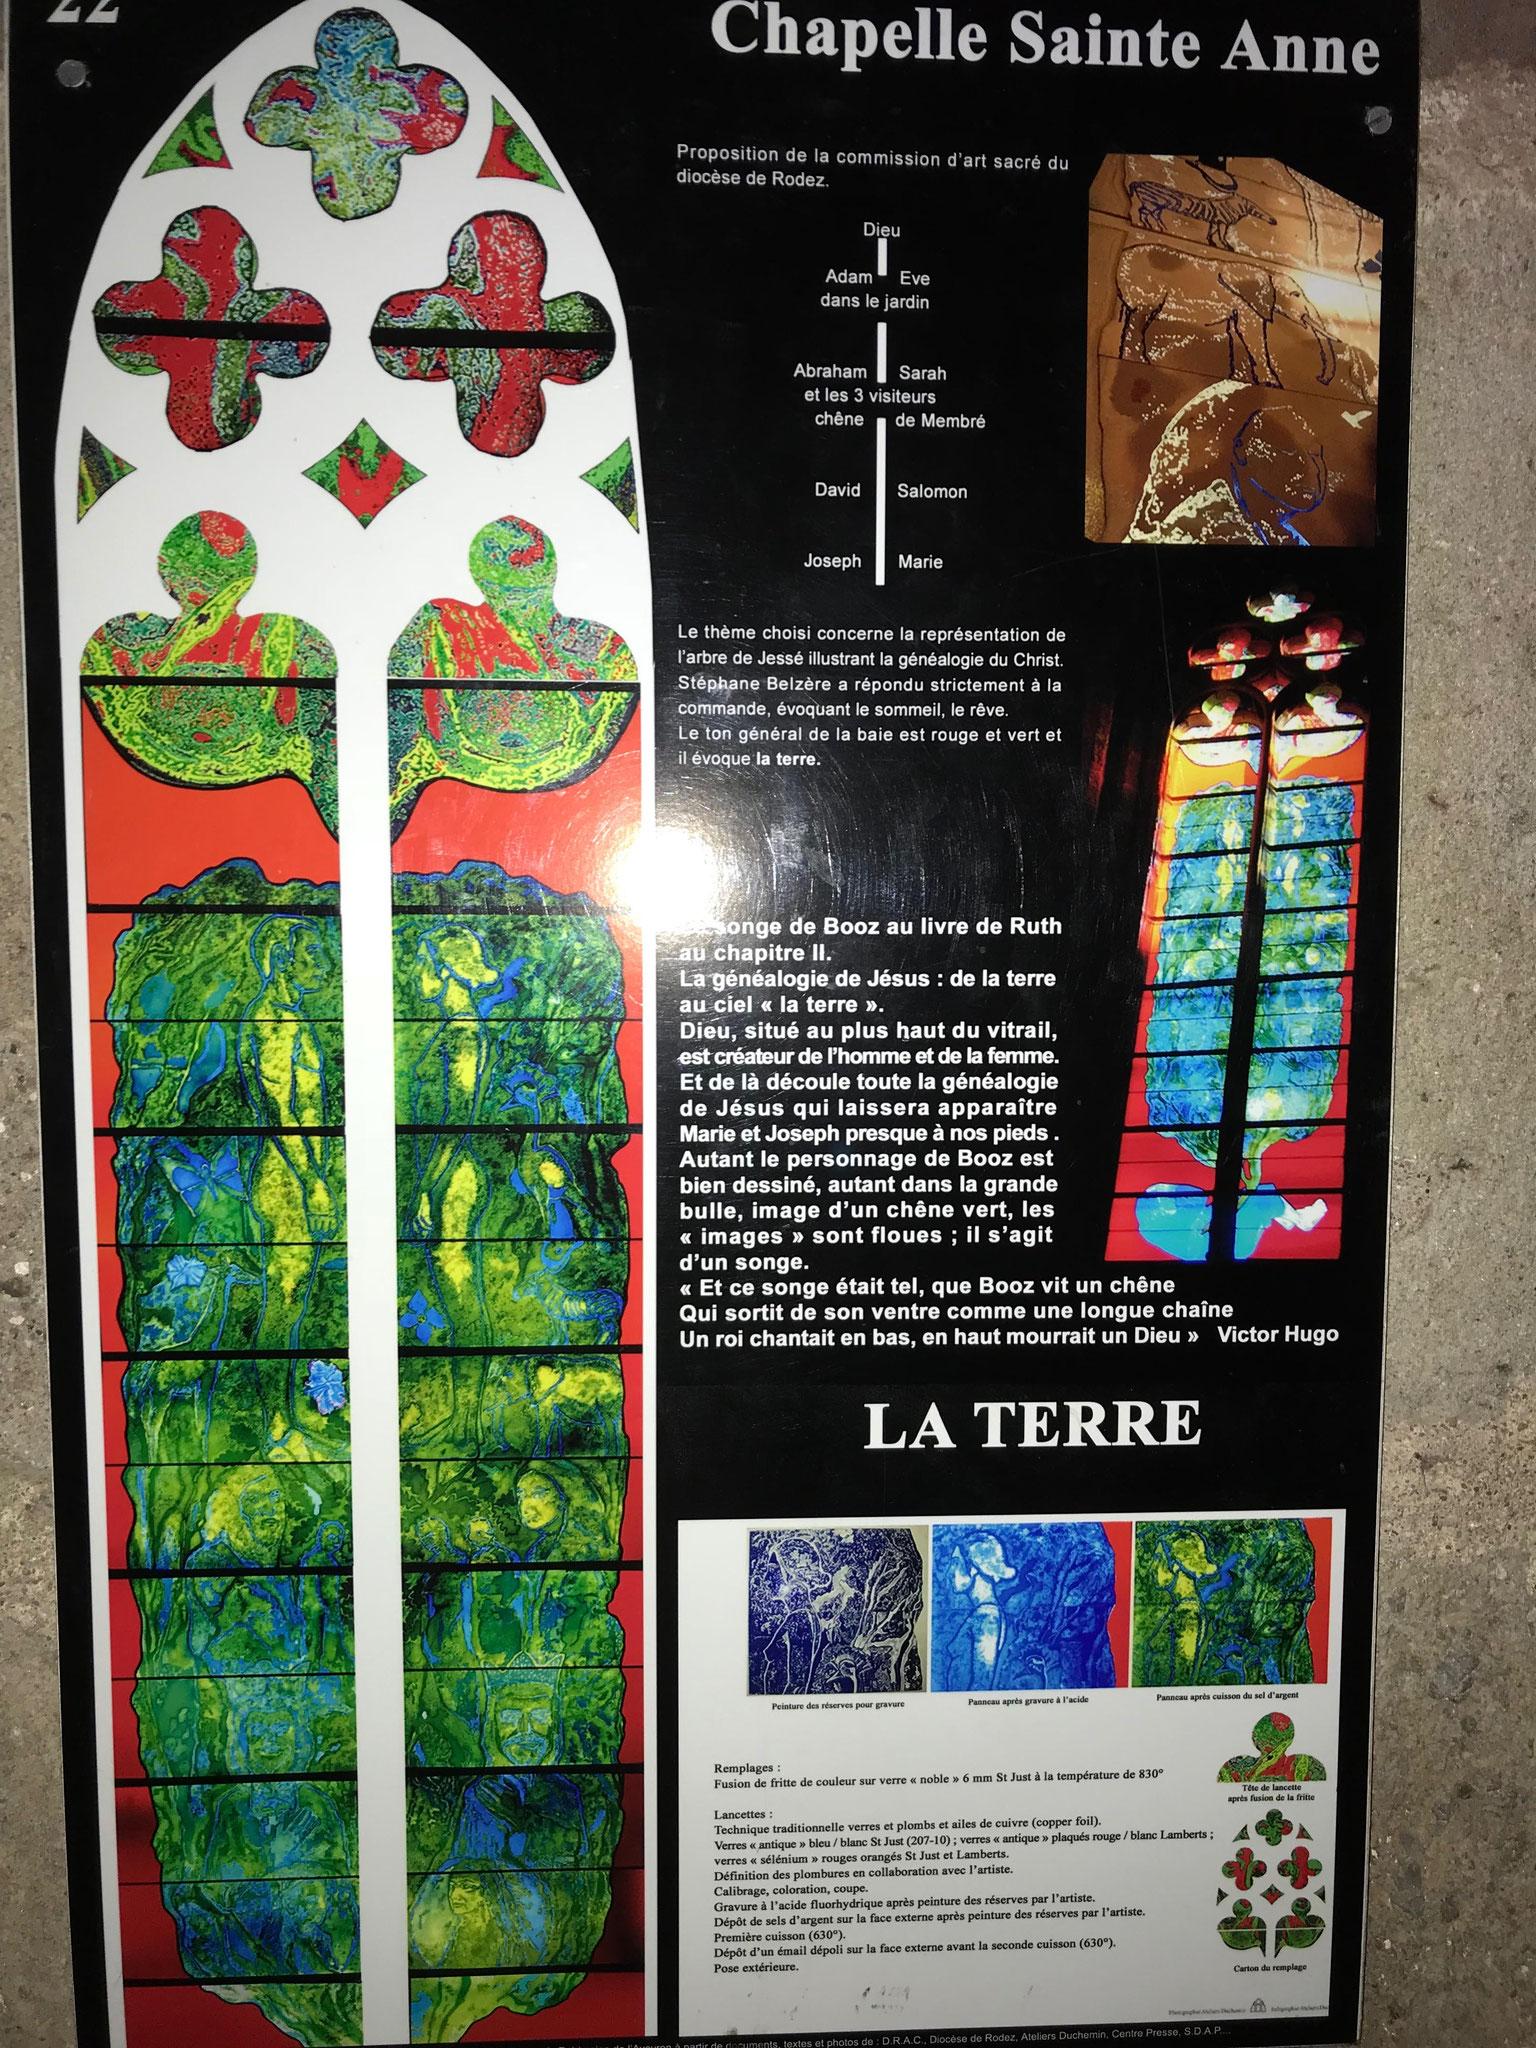 vitrail contemporain de Stéphane Belzel , l'arbre de Jessé